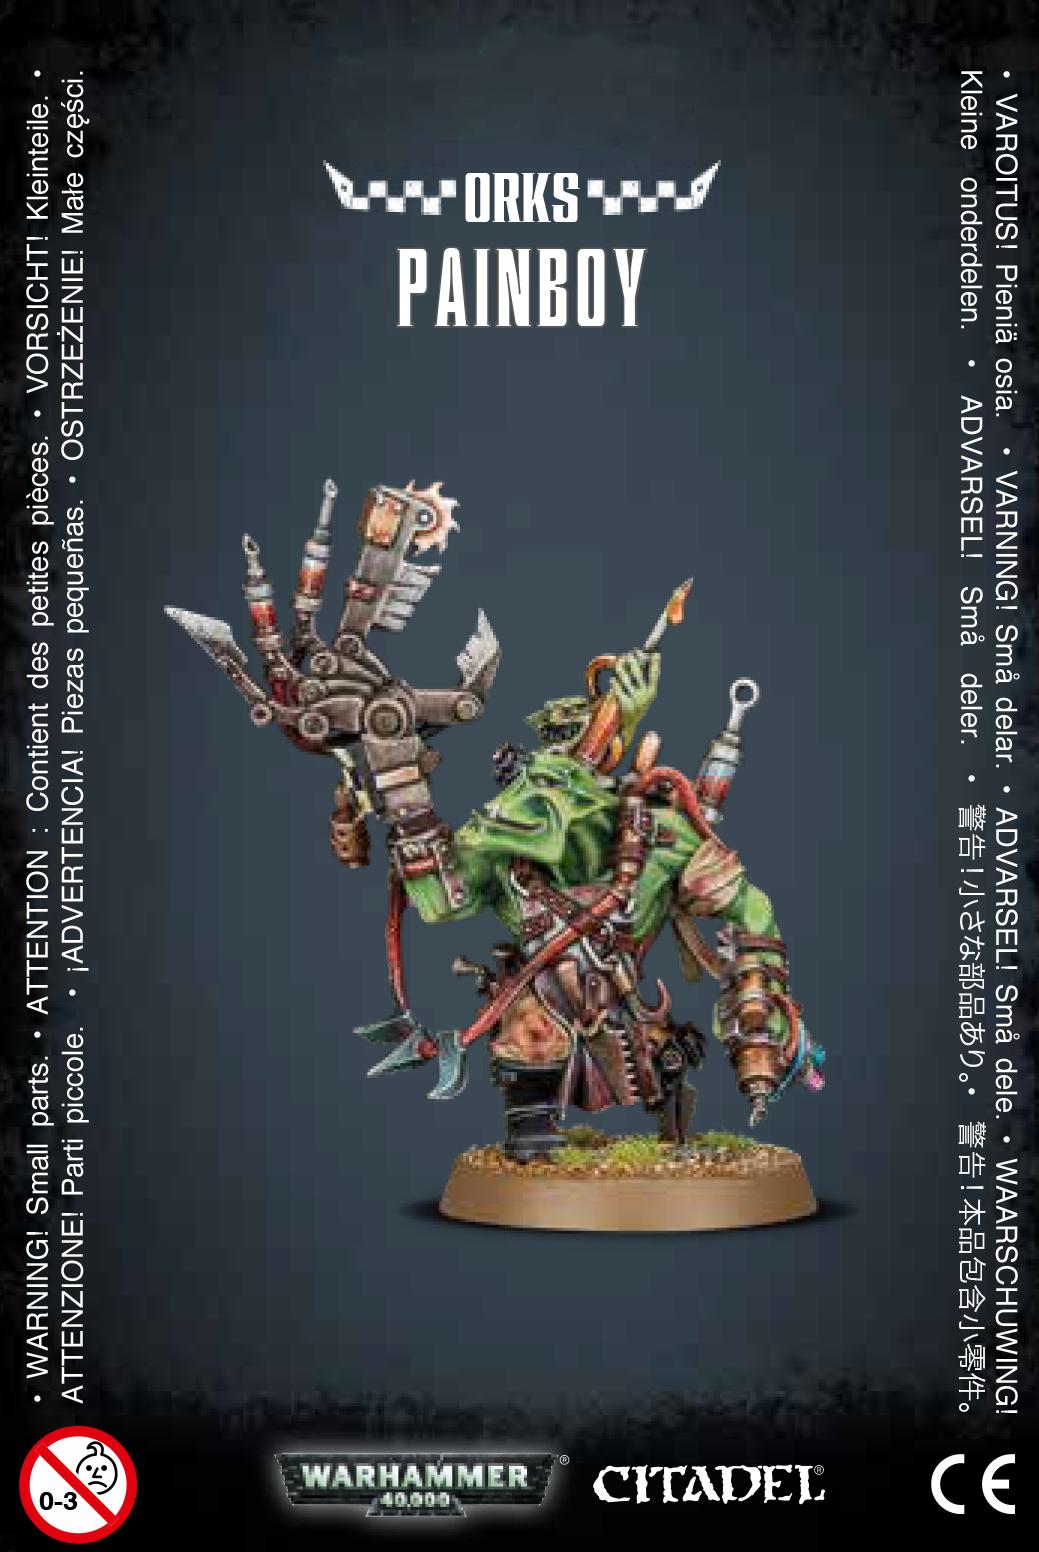 Painboy